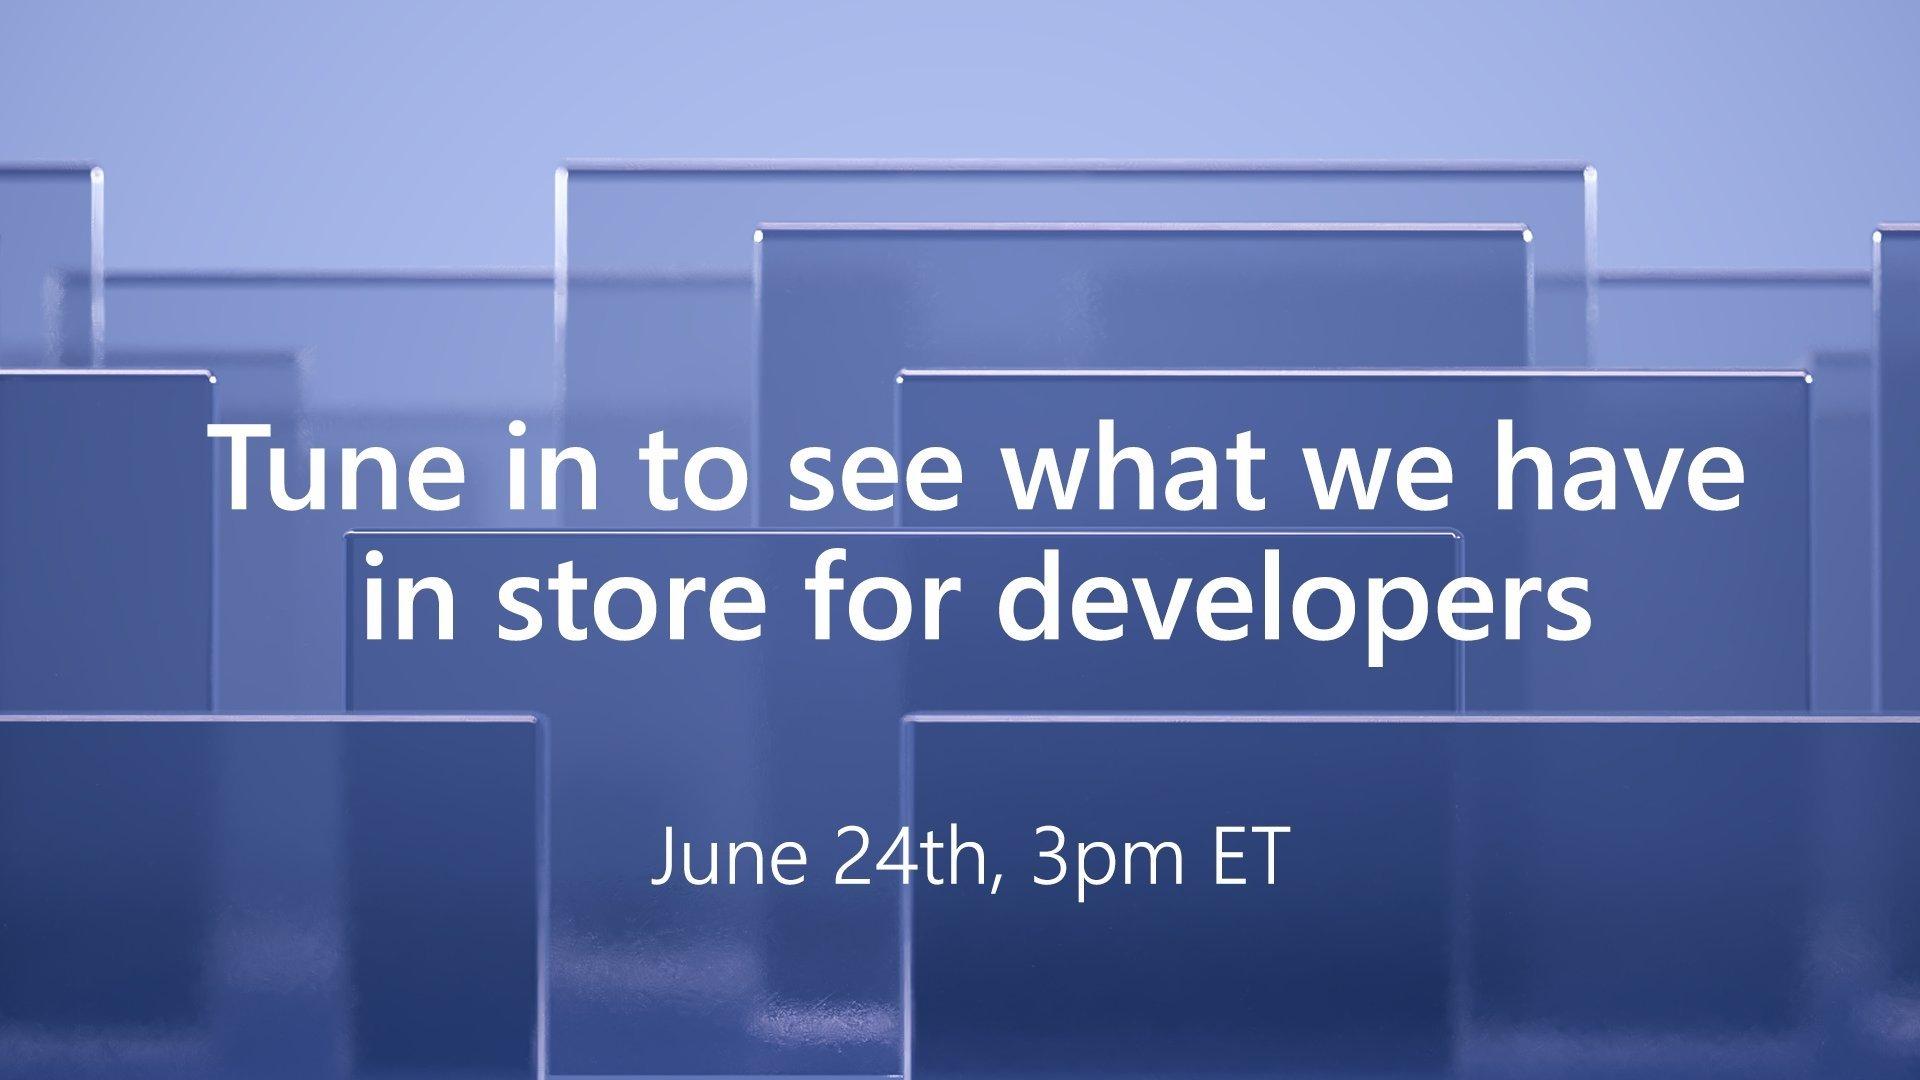 Microsoft convite para evento de programadores